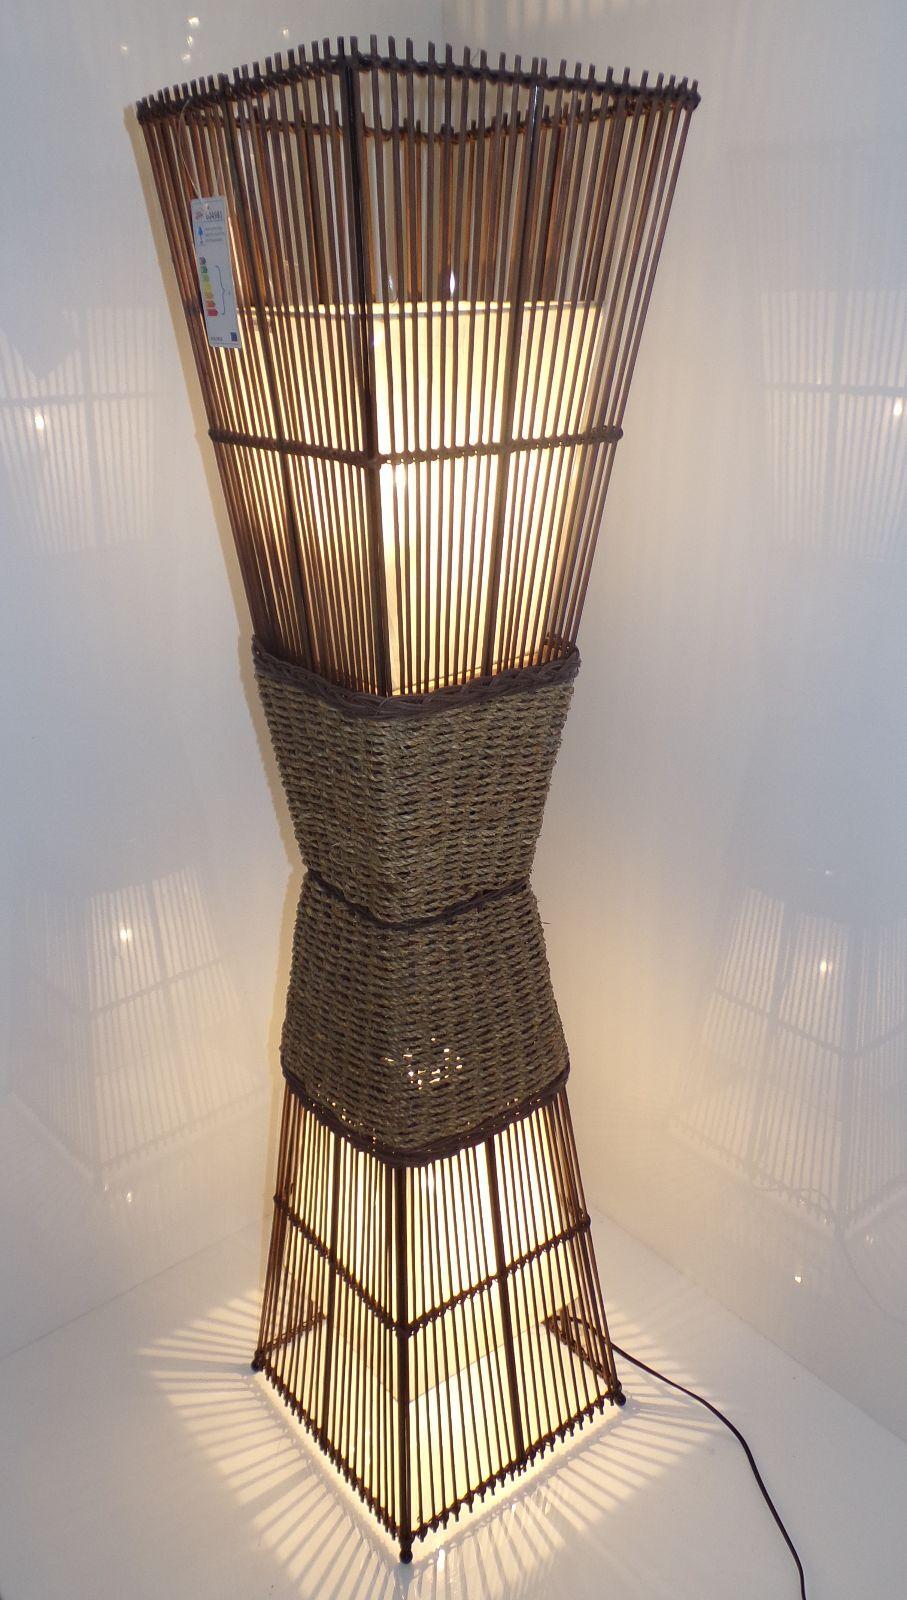 Bamboo Bambus Leuchte Lampe rattan Stehleuchte Stehlampe Stoff Orient Asatisch